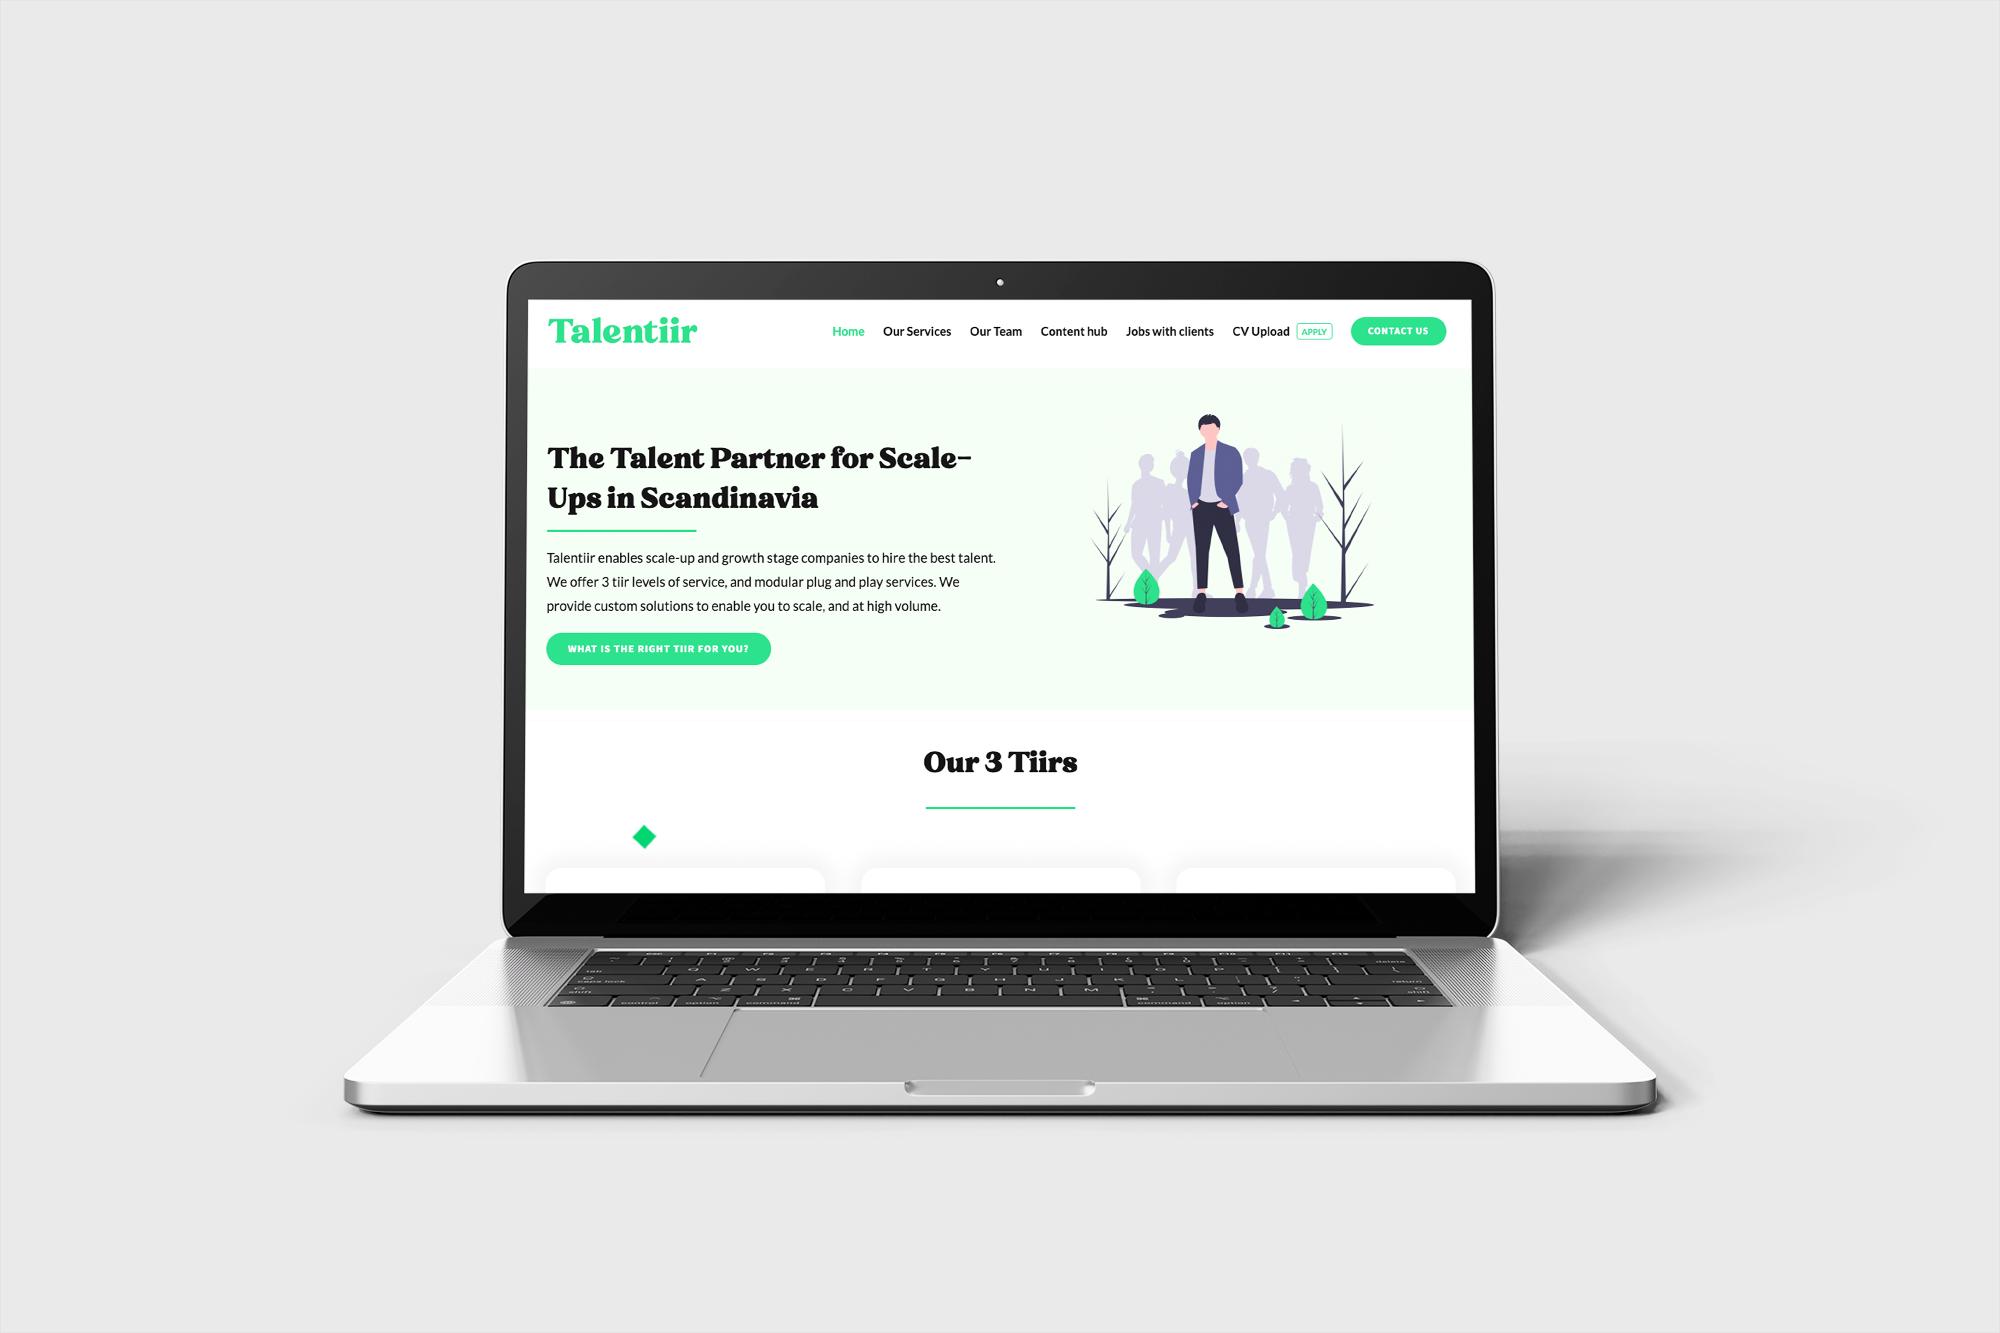 Talentiir website